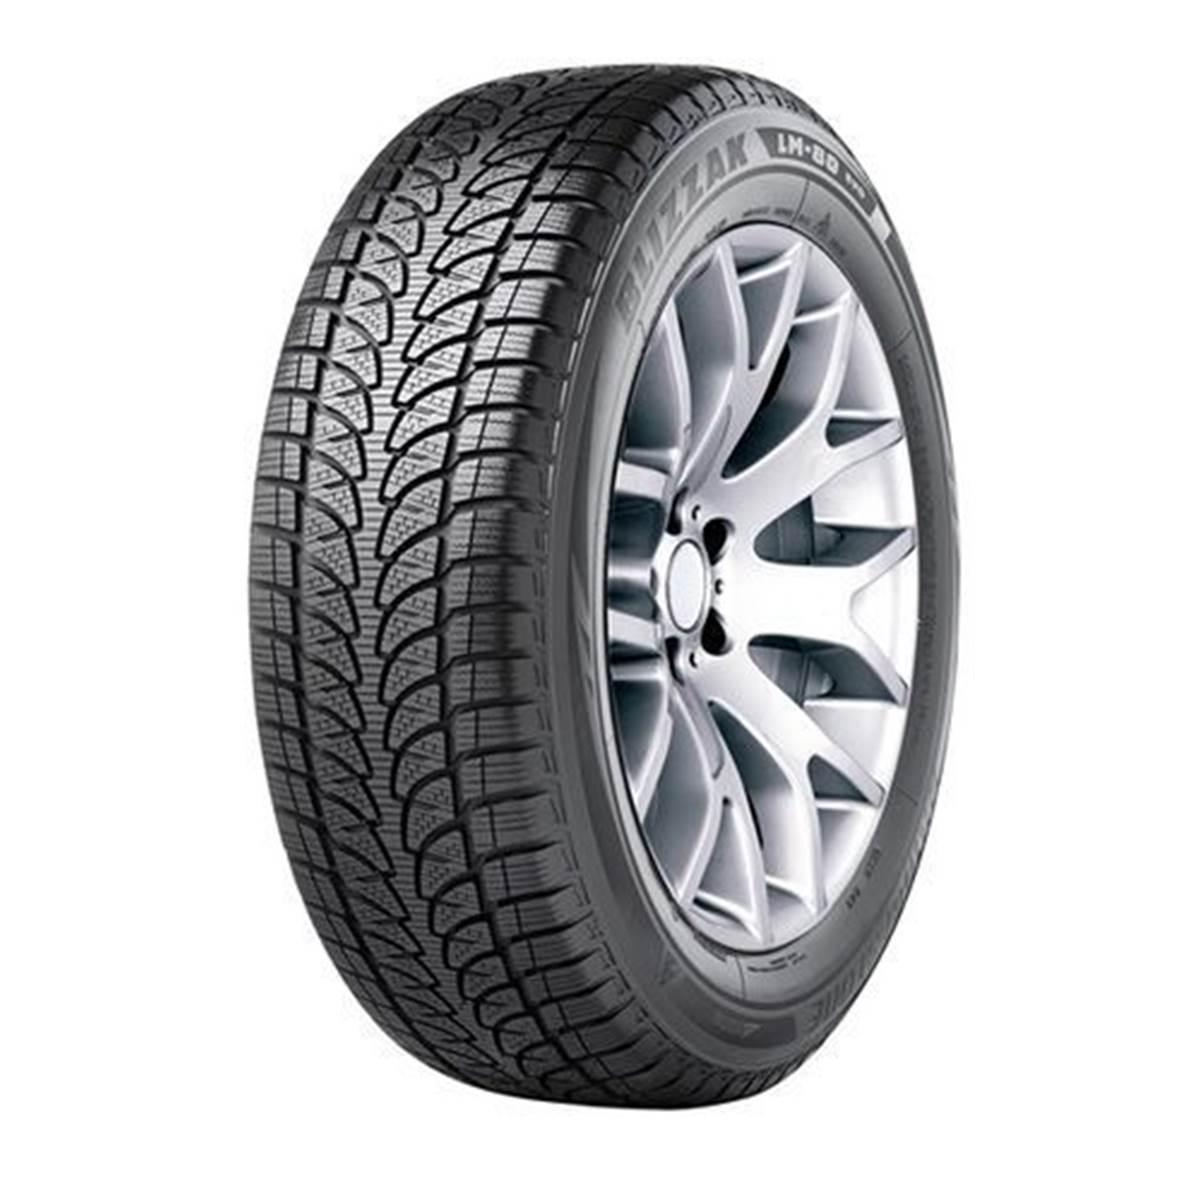 Pneu 4X4 Hiver Bridgestone 235/75R15 109T Blizzak Lm80 XL